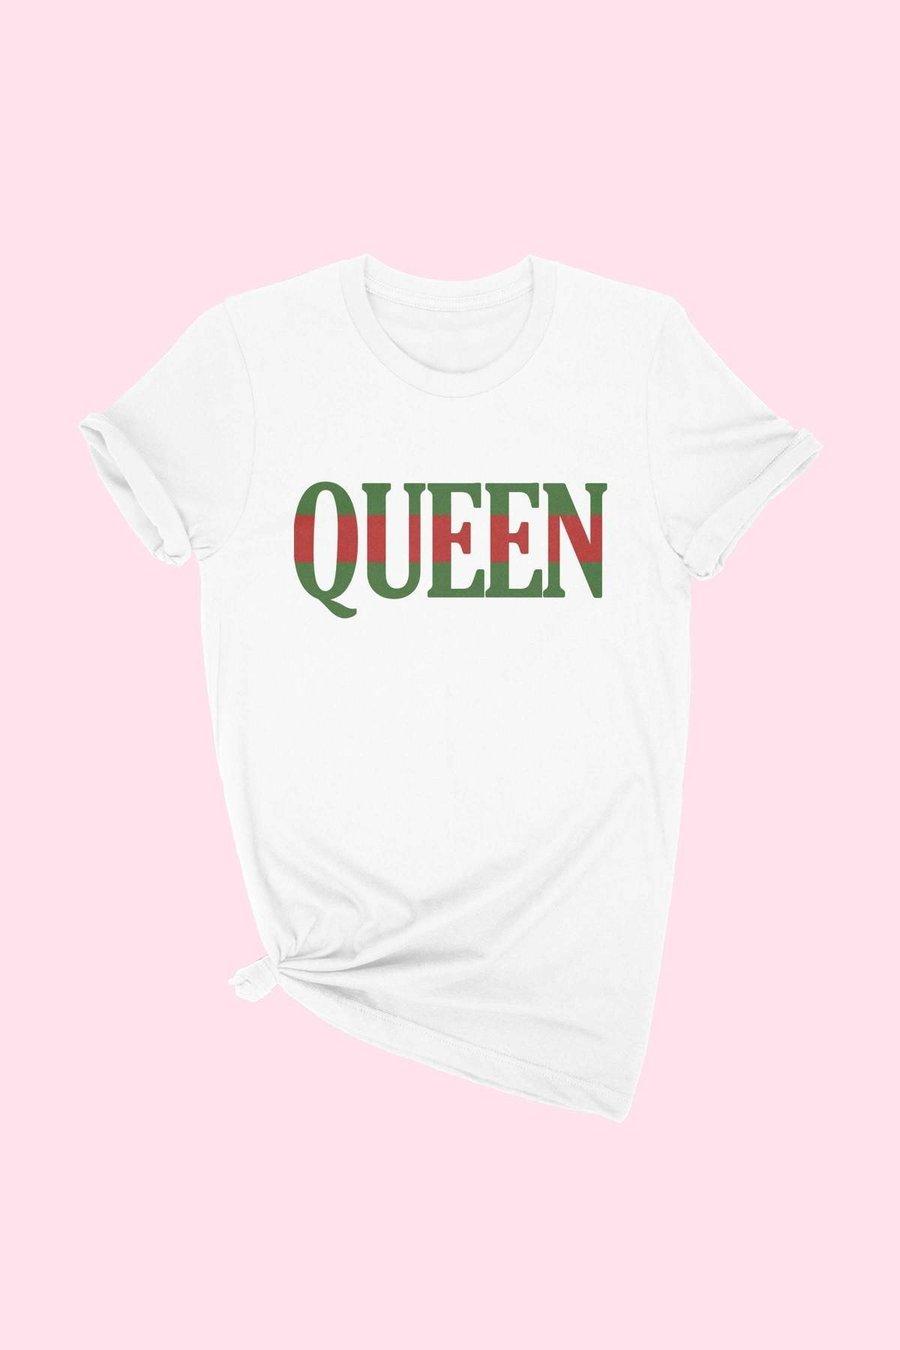 Image of Queen